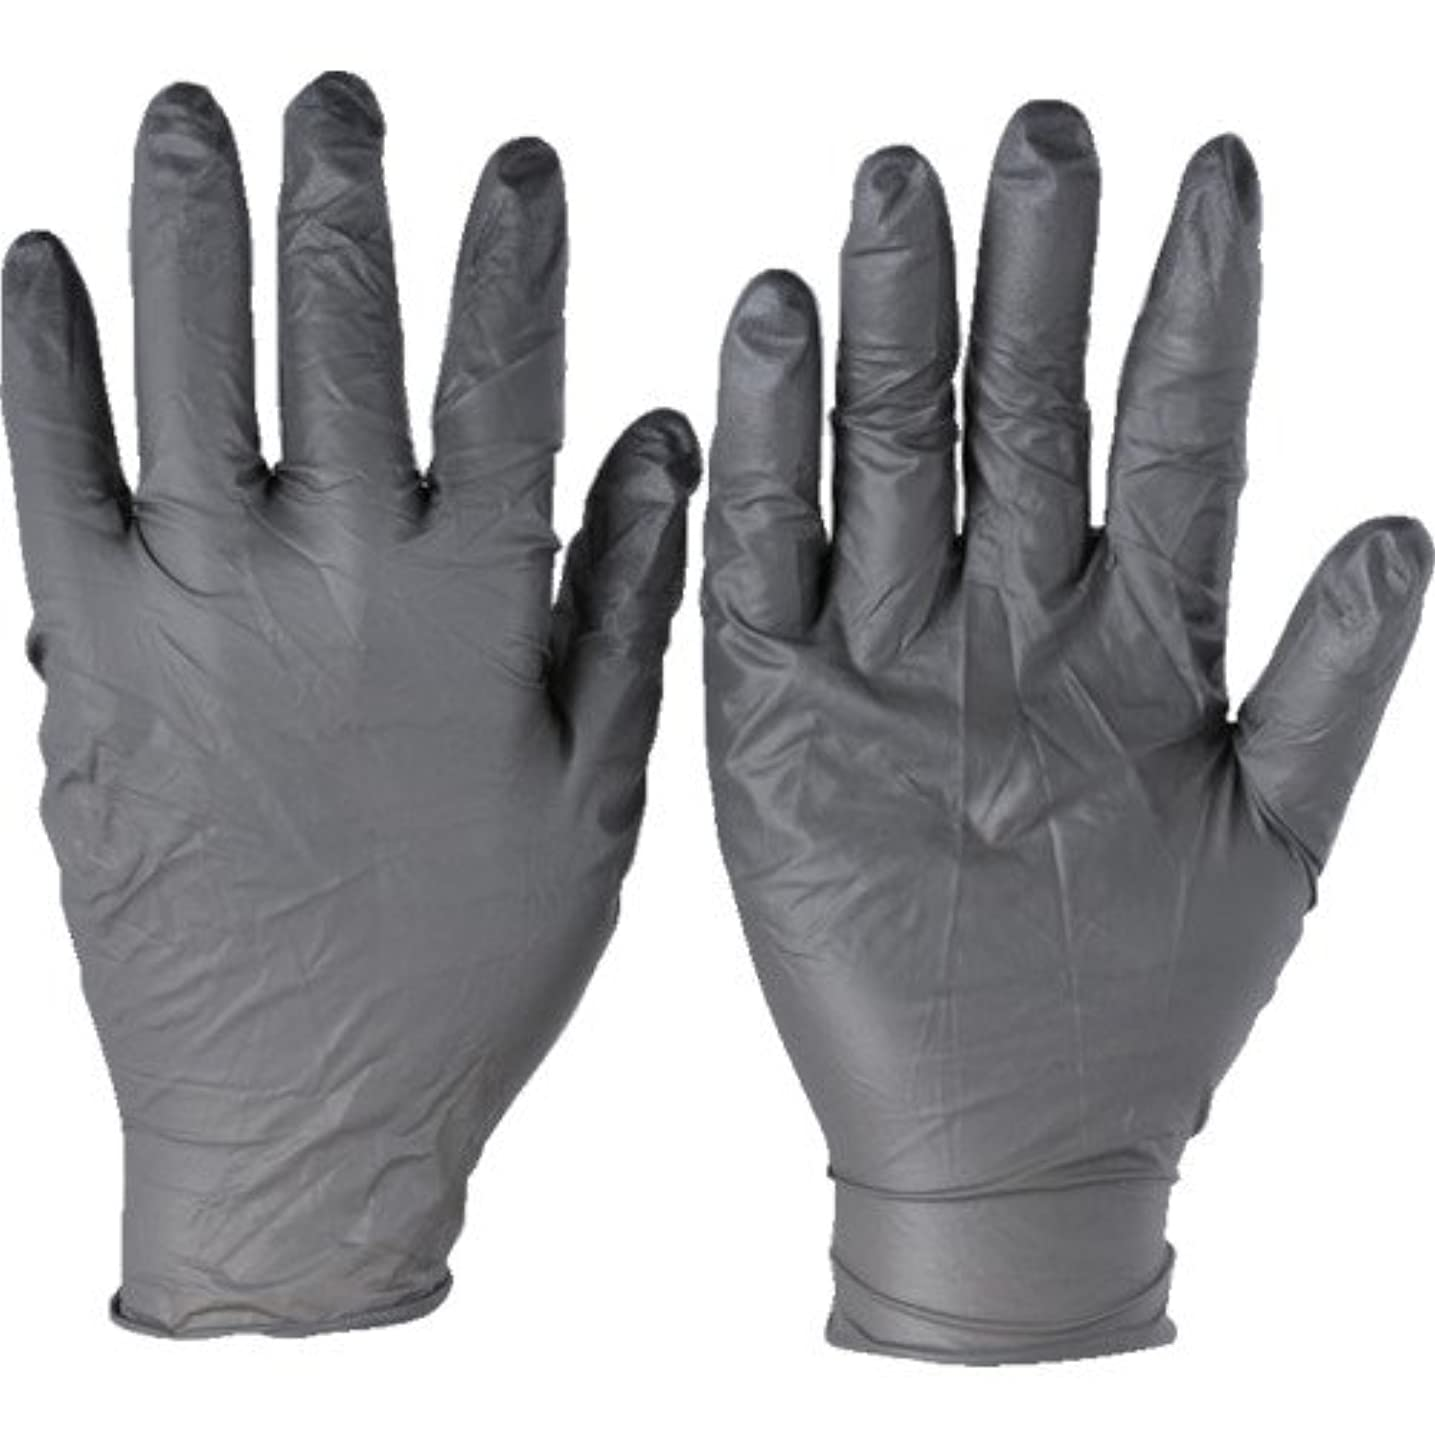 印をつける子豚申請者トラスコ中山 アンセル ニトリルゴム使い捨て手袋 タッチエヌタフ 粉無 Sサイズ 100枚入 932507